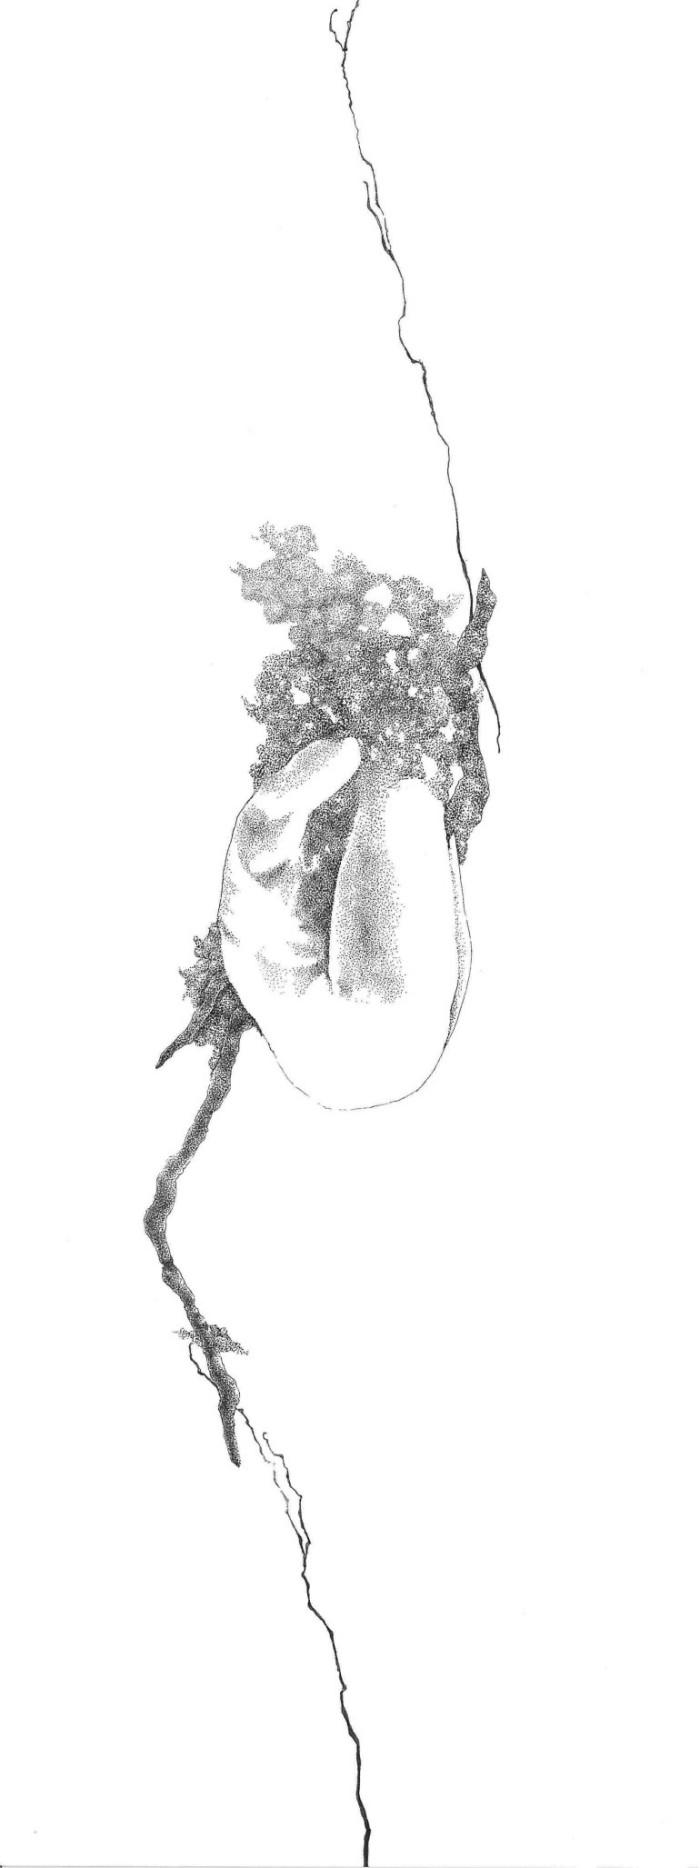 Enrica Berselli, Termogenesi di Crisalide, 30x40 cm, 2010